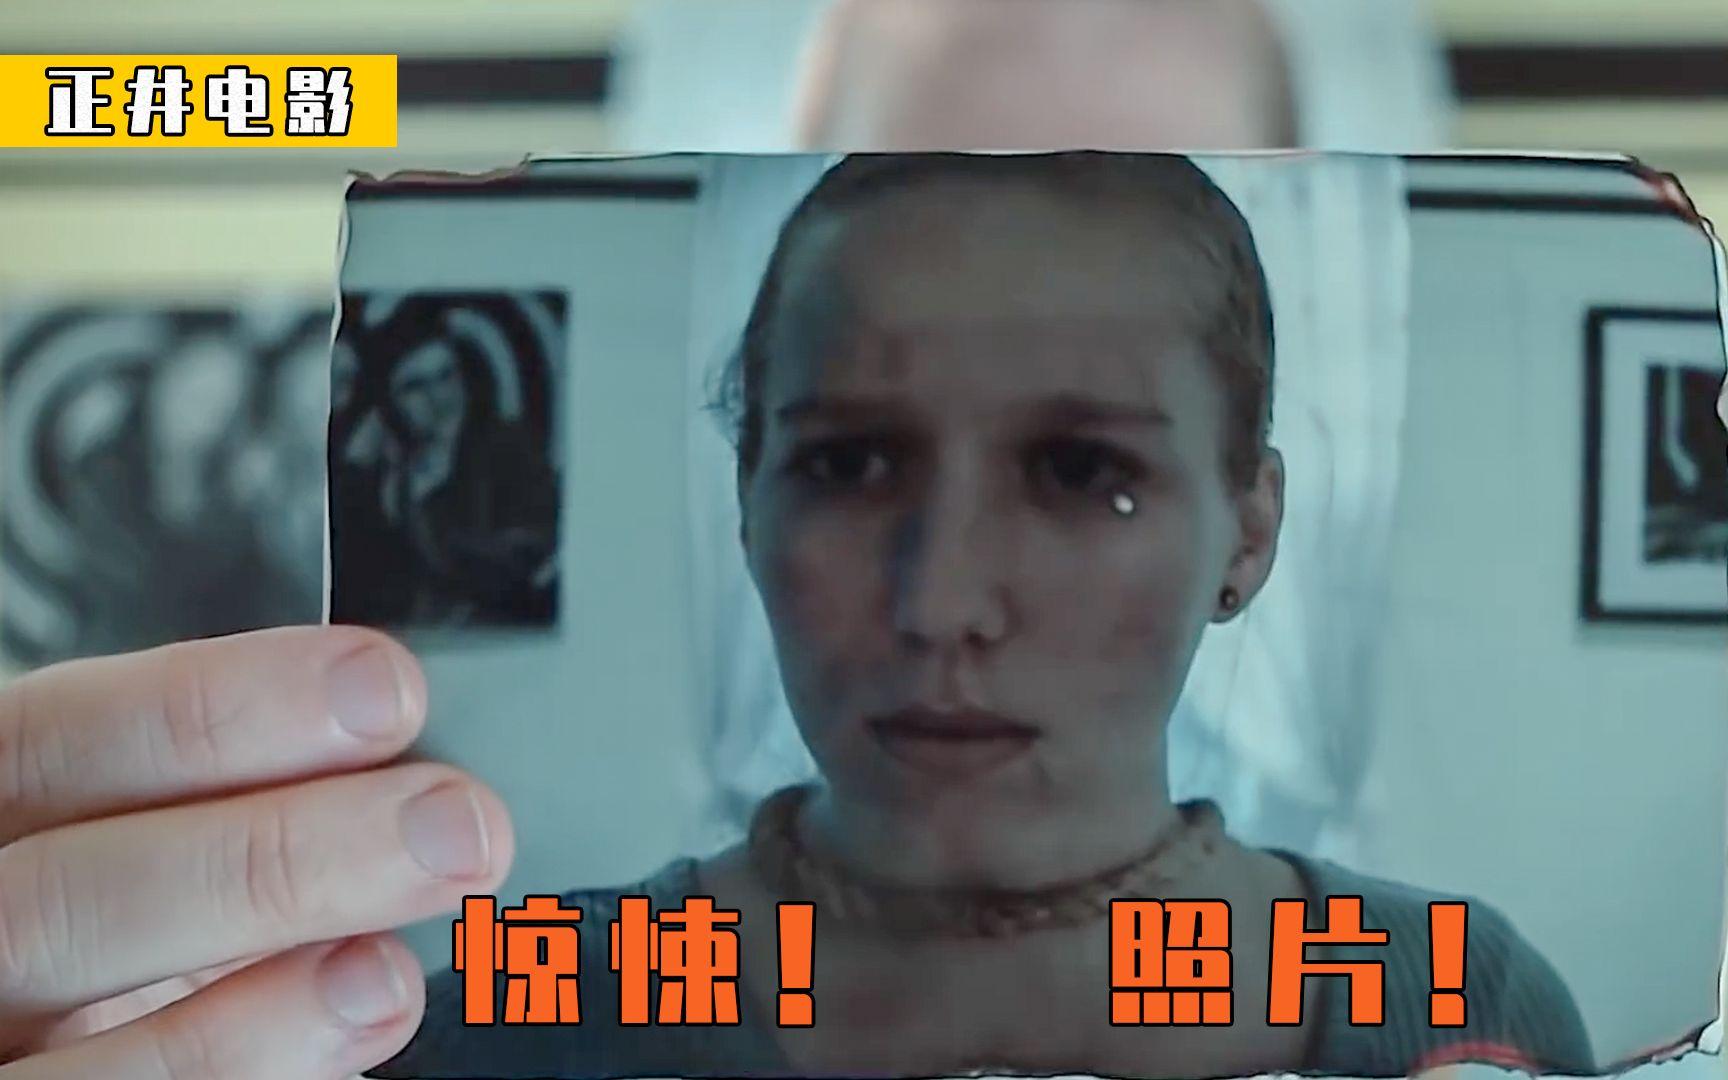 女人收到一组诡异的相片,可以预言未来,惊悚片《奇异相册》